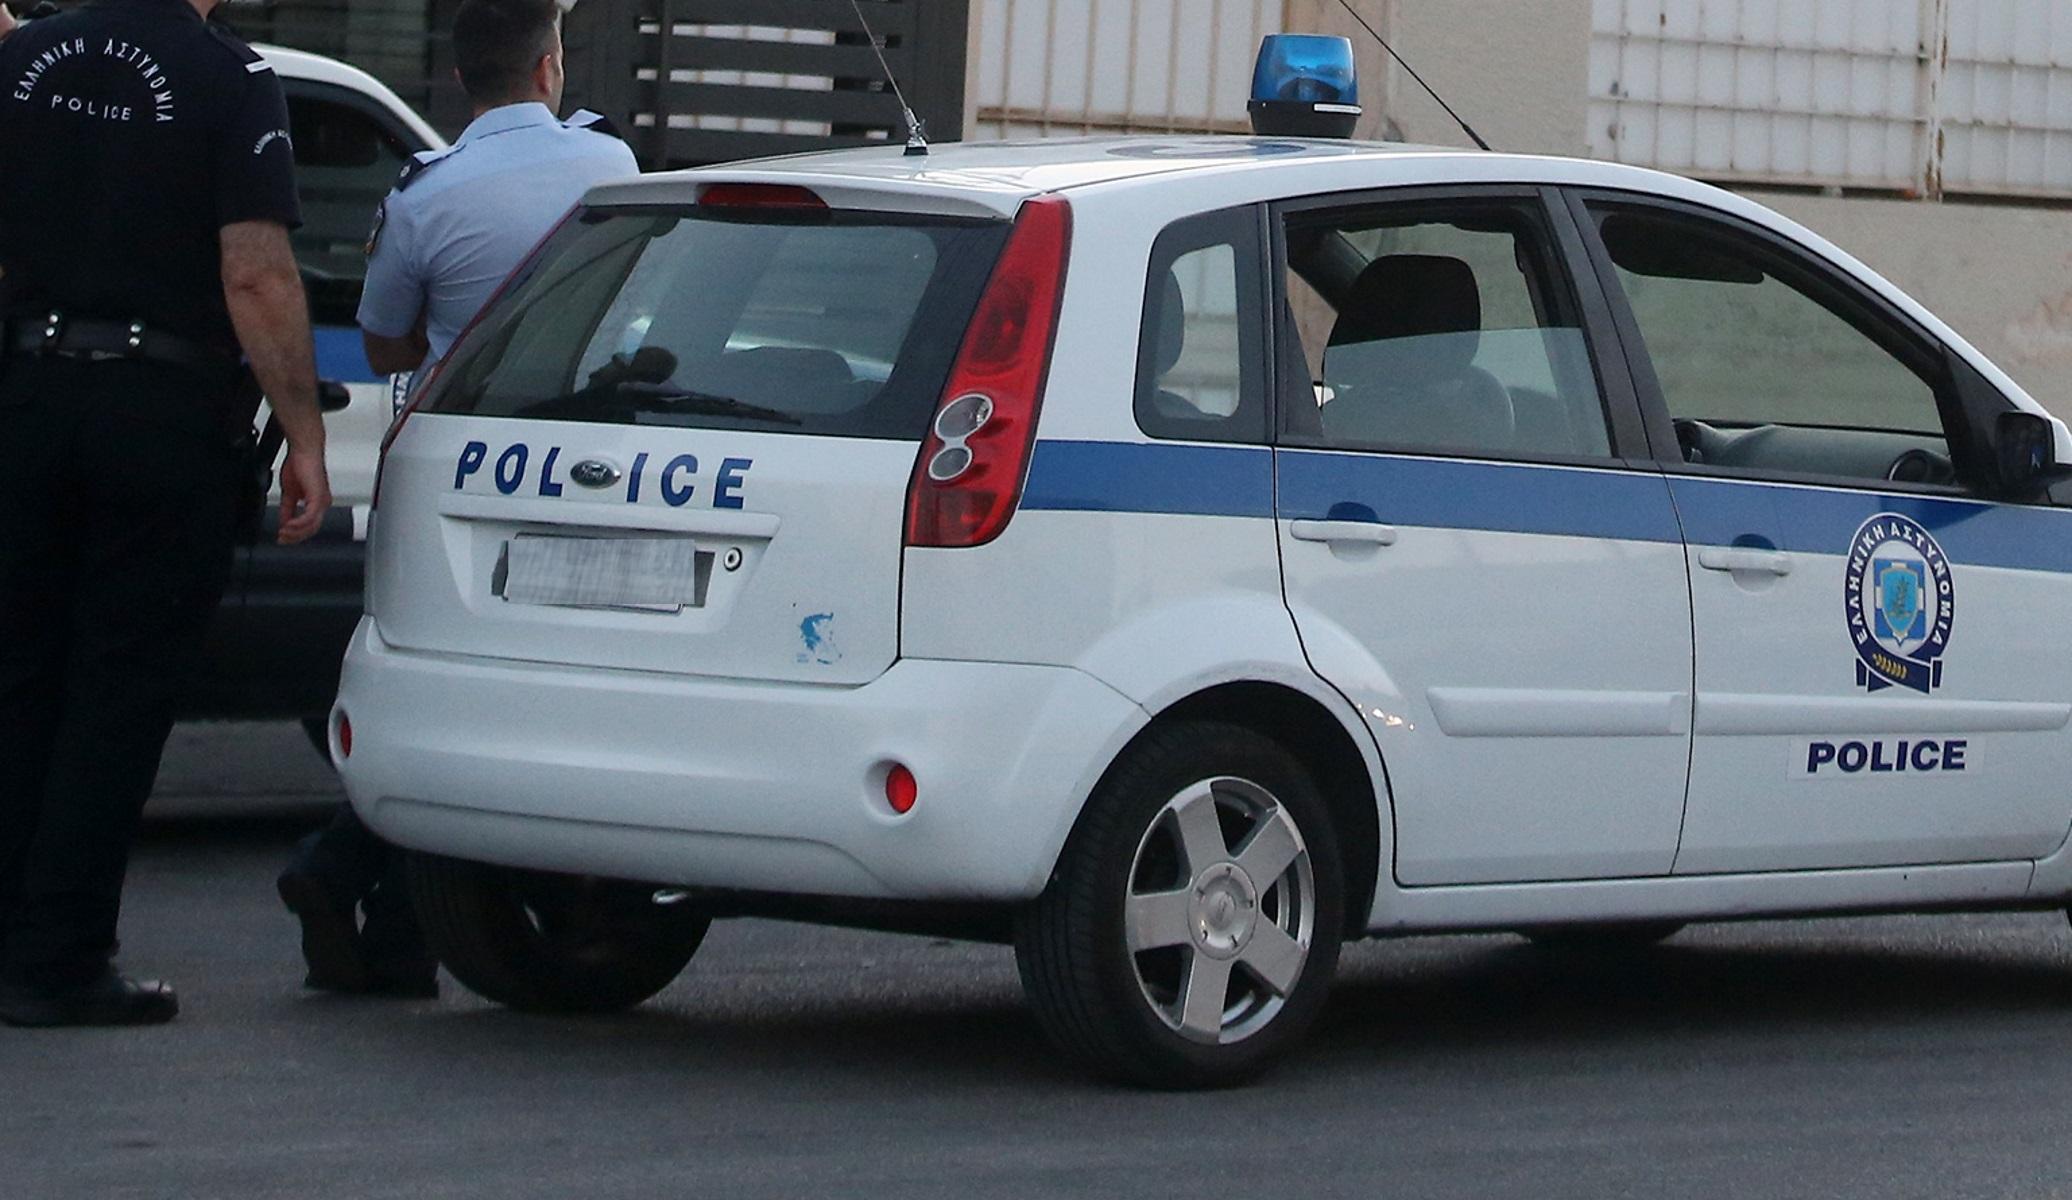 Απόπειρα εμπρησμού στο άλσος Φινοπούλου στην Αθήνα – Μία σύλληψη